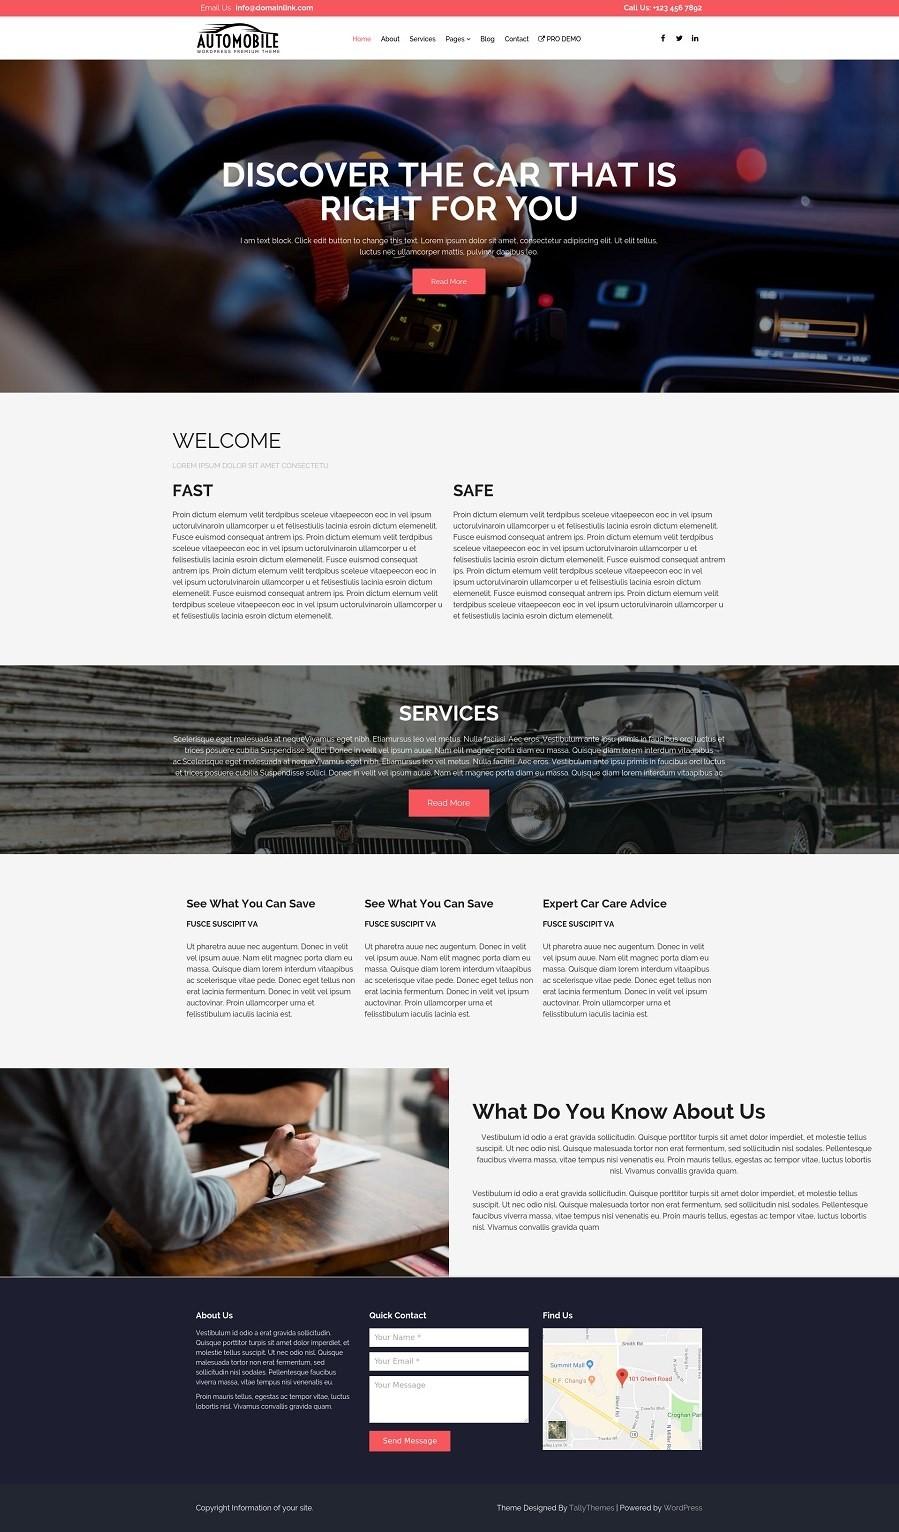 Бесплатная автомобильная тема для WordPress.